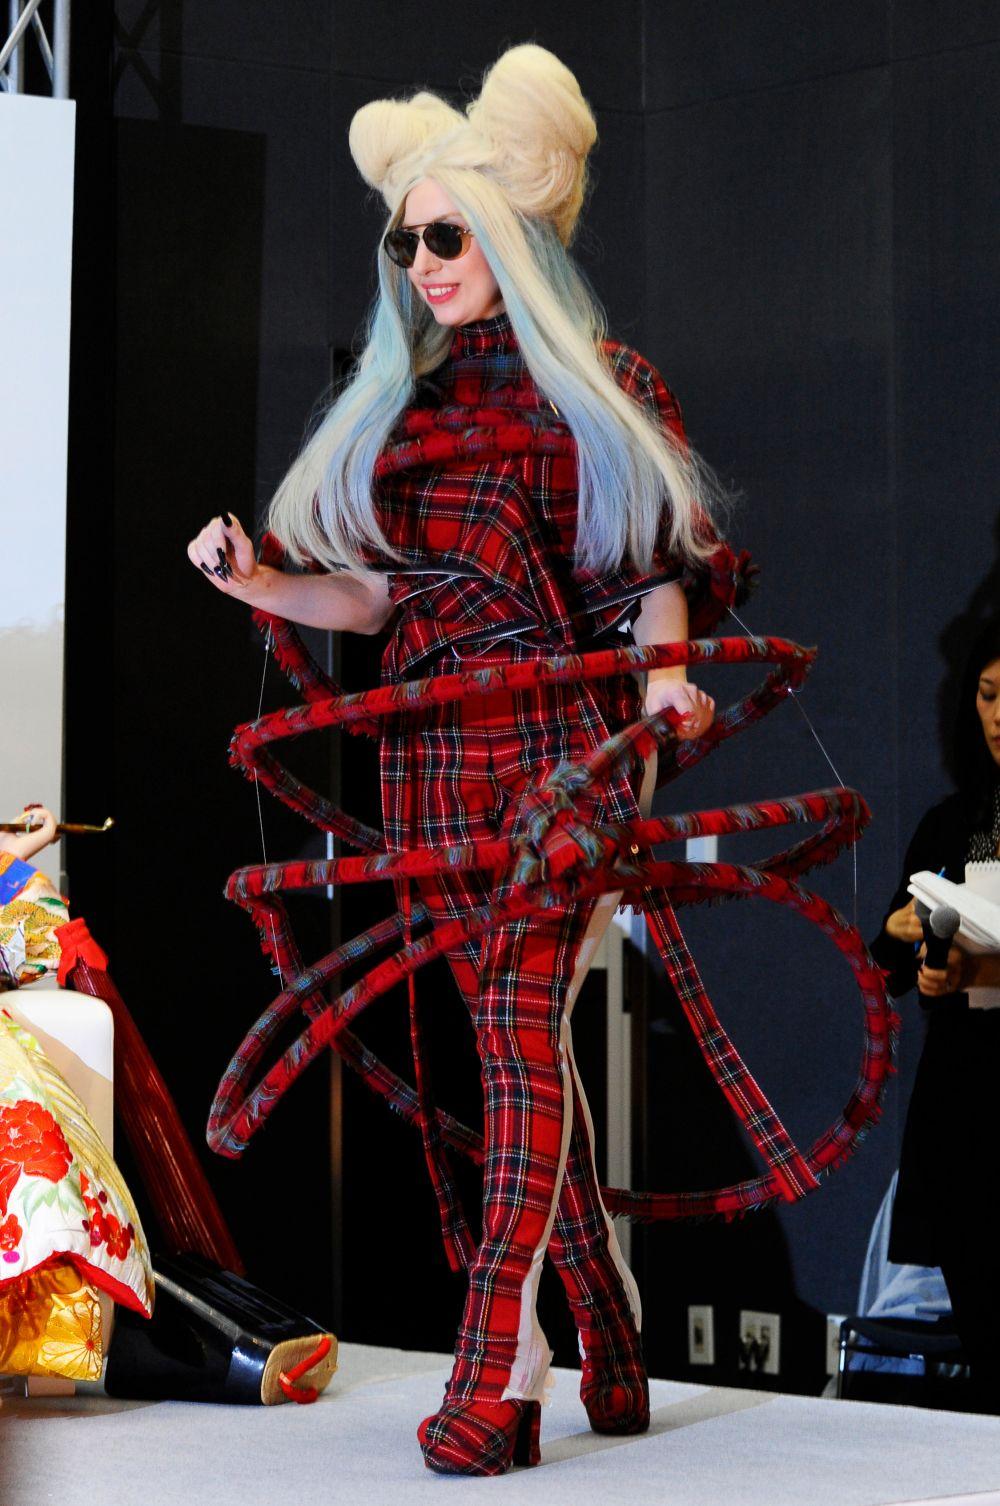 Затем певица вынуждена была сделать перерыв в карьере из-за обострившегося синовита и перенесла операцию. Однако уже в 2013-м она вернулась с альбомом Artpop.